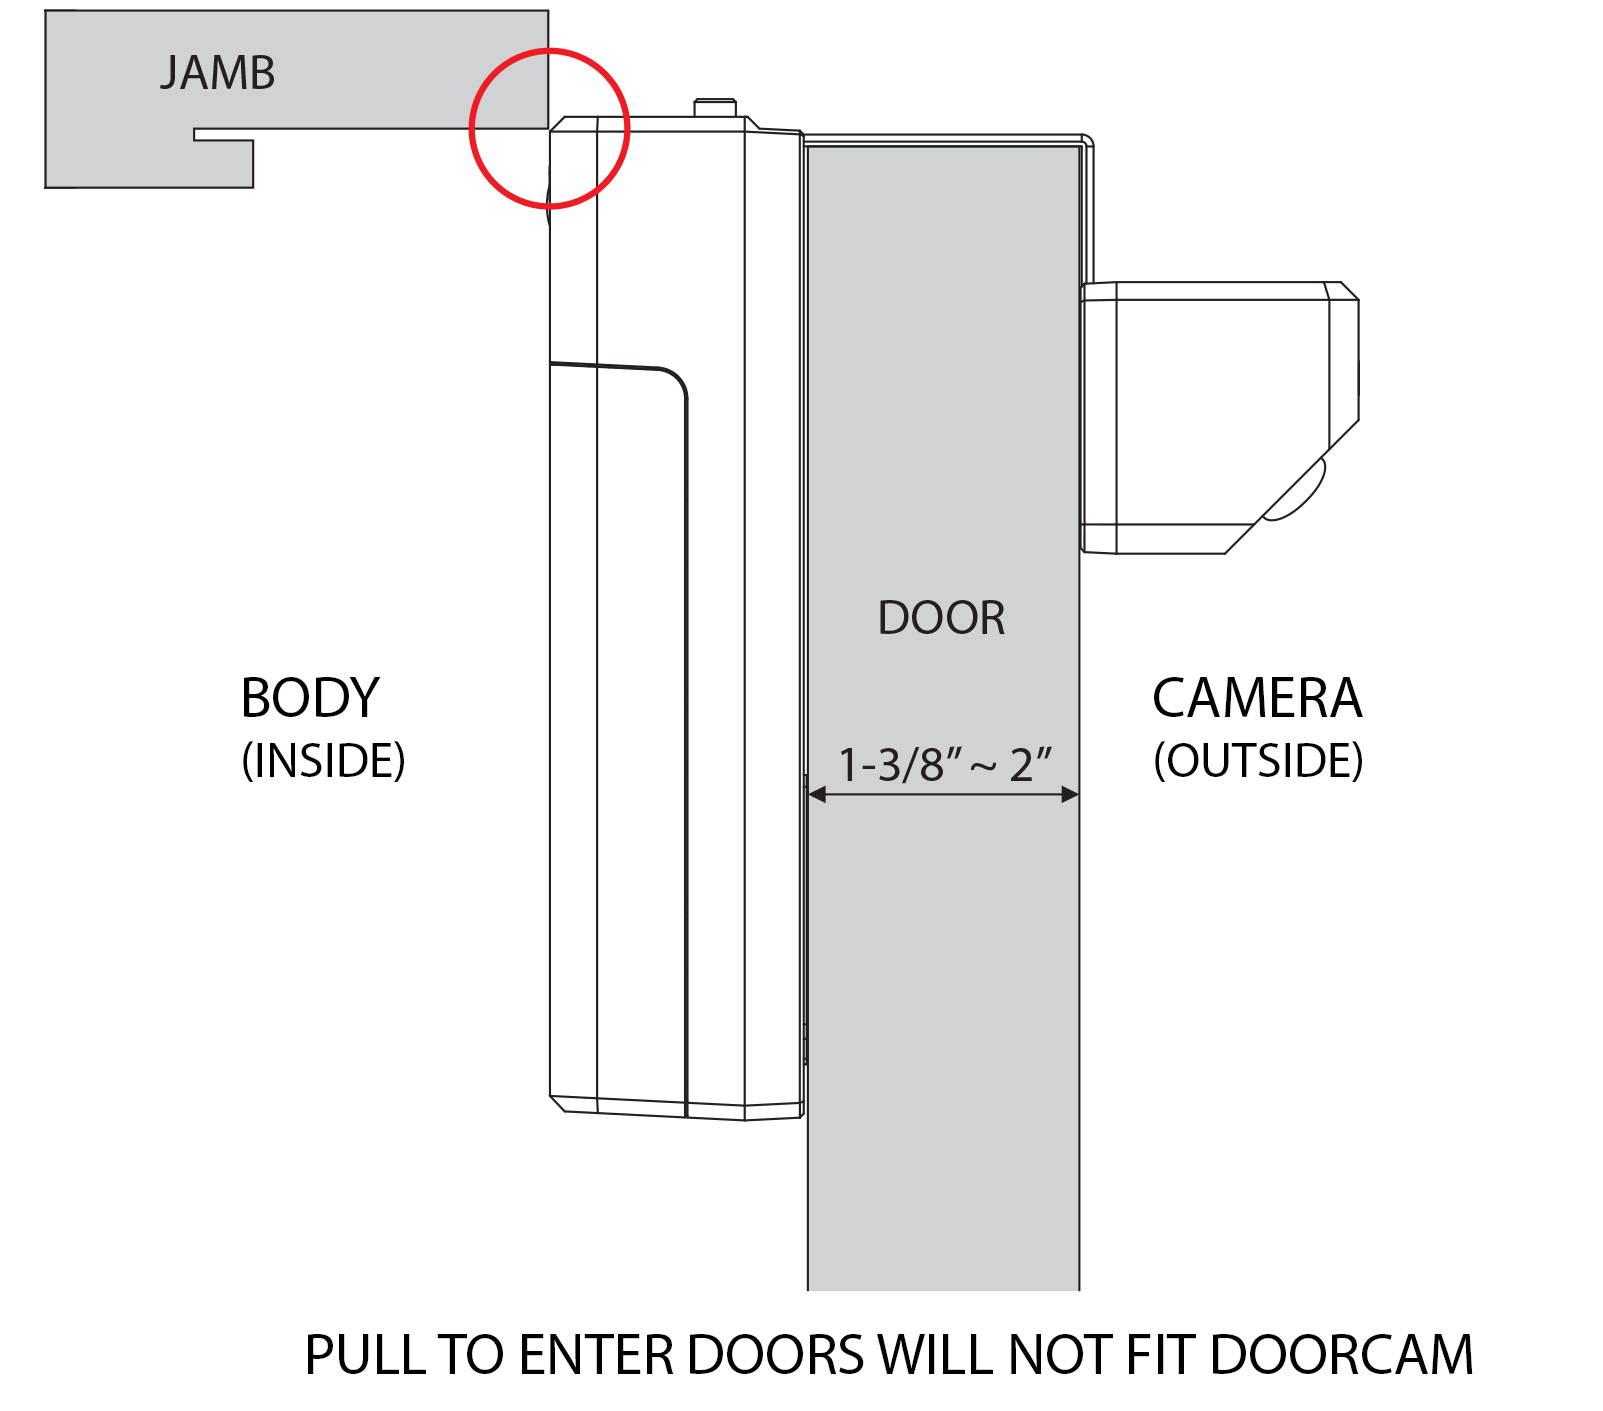 Doorcam Worlds First Over The Door Smart Camera Remo Ipad Wiring Diagram Previous Next